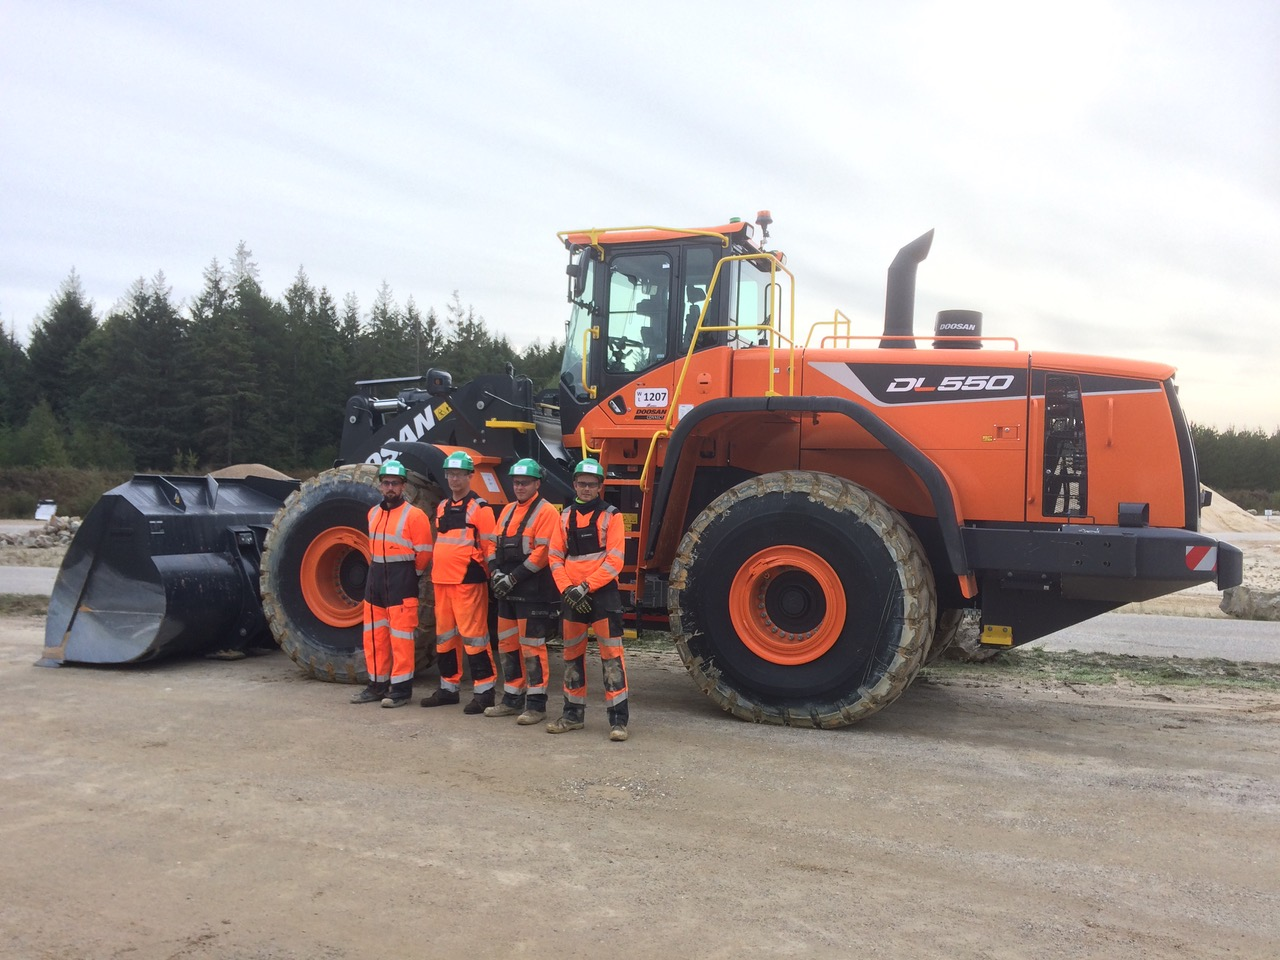 Cemex ha acquistato 100 nuove pale gommate Doosan - Cemex Doosan pala gommata -Construction&Movimento Terra Notizie - MC5.0-Macchine Cantieri